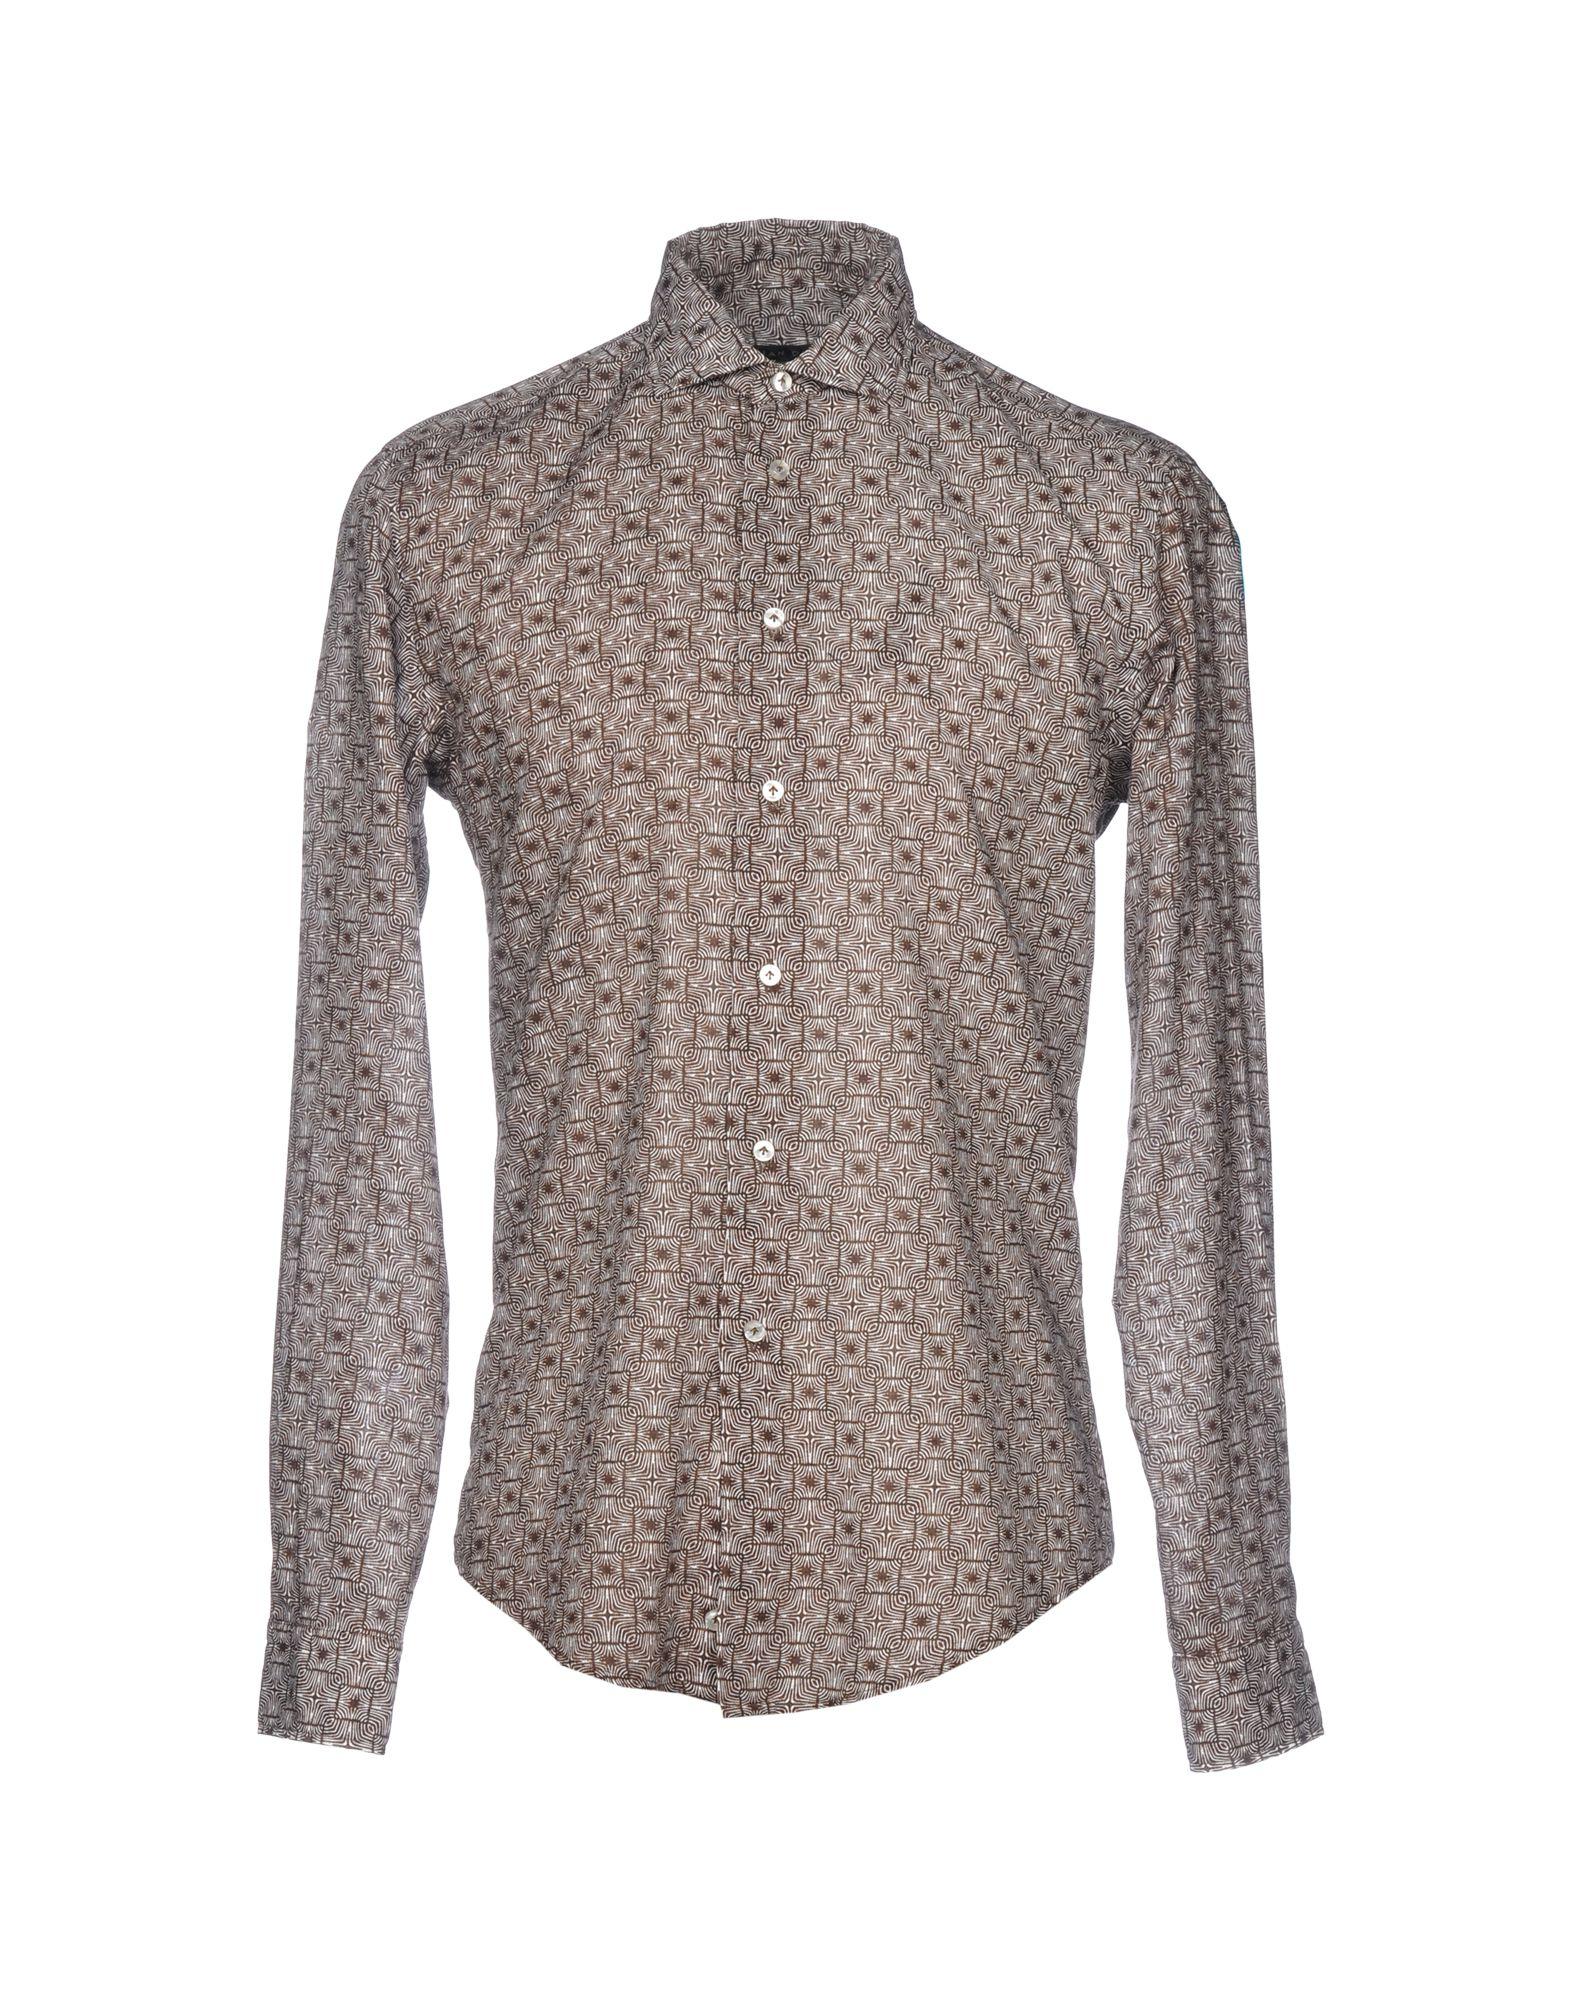 《送料無料》BRIAN DALES メンズ シャツ ダークブラウン 40 コットン 100%